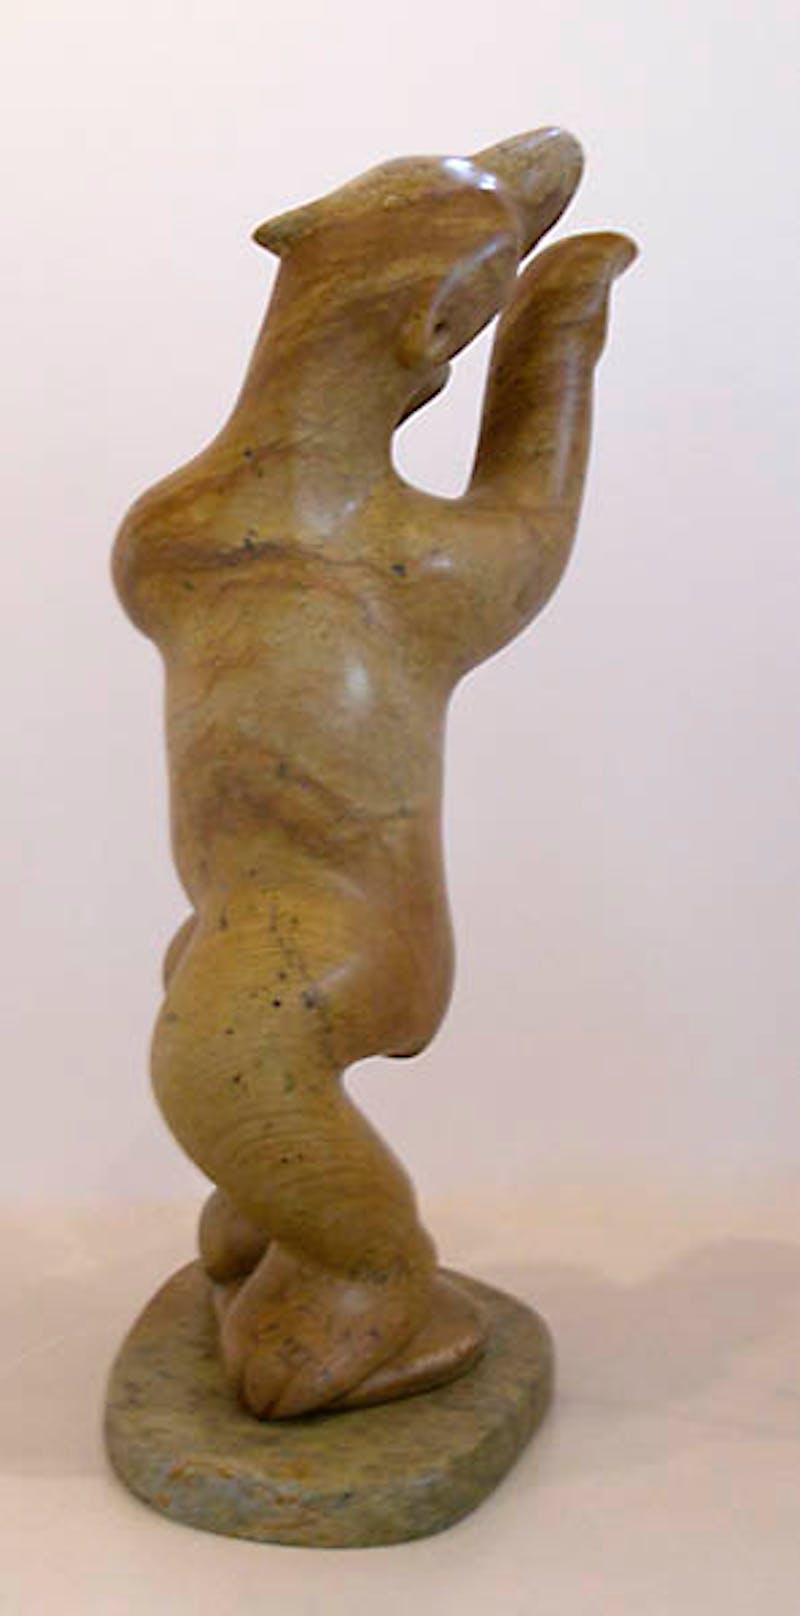 Dancing Bear Image 1